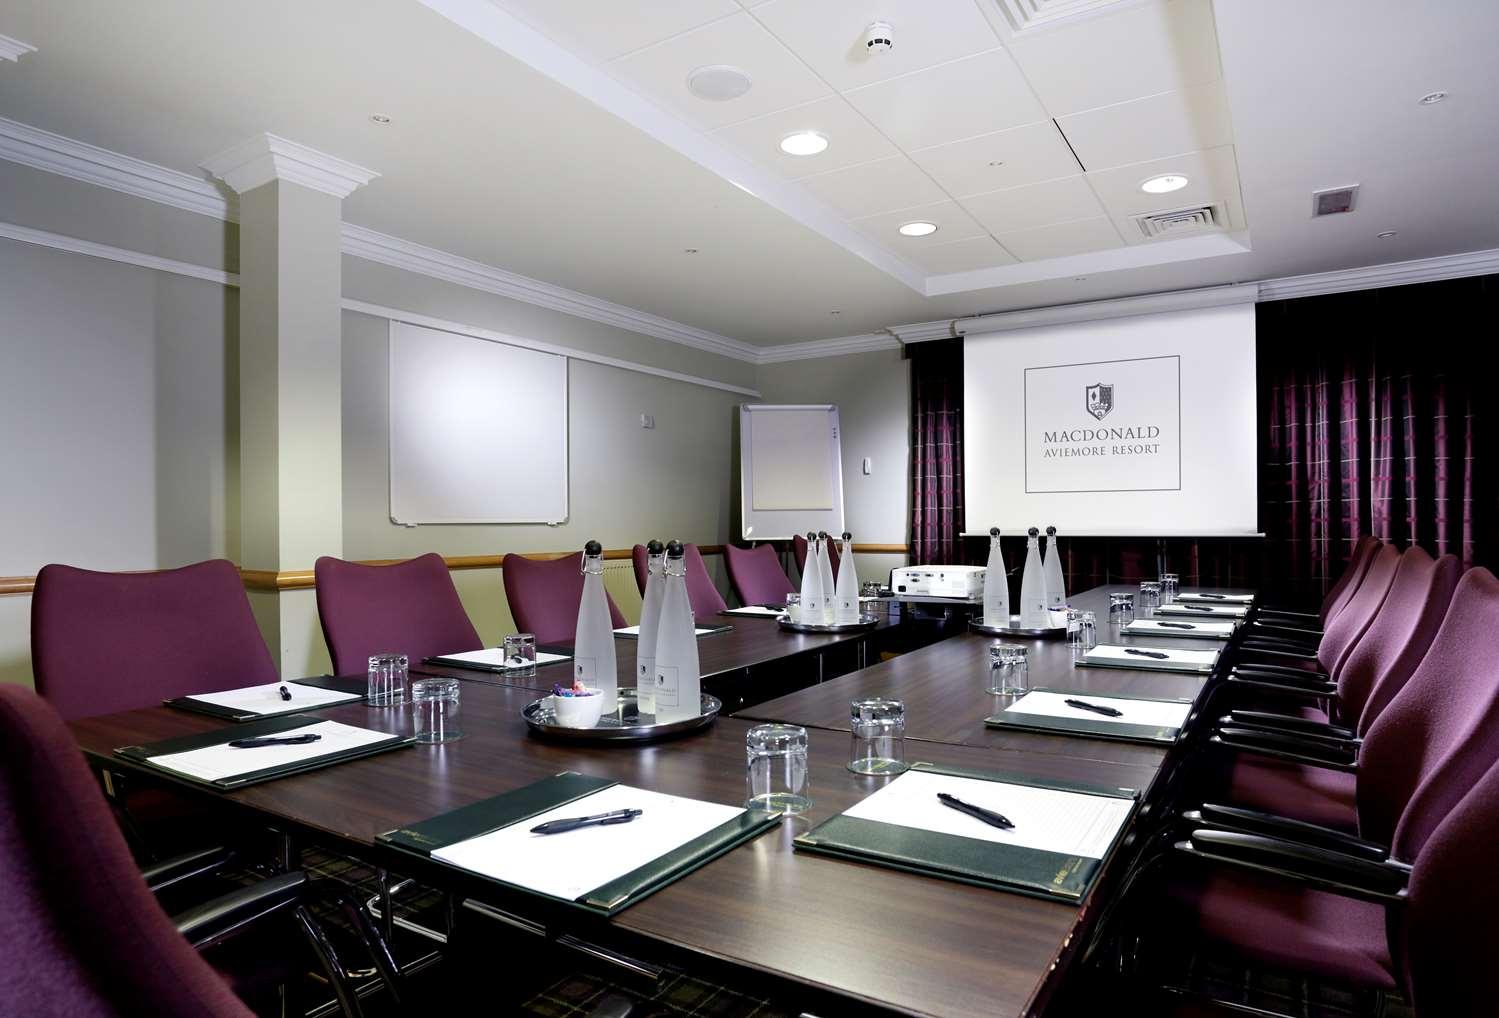 Strathspey meeting room